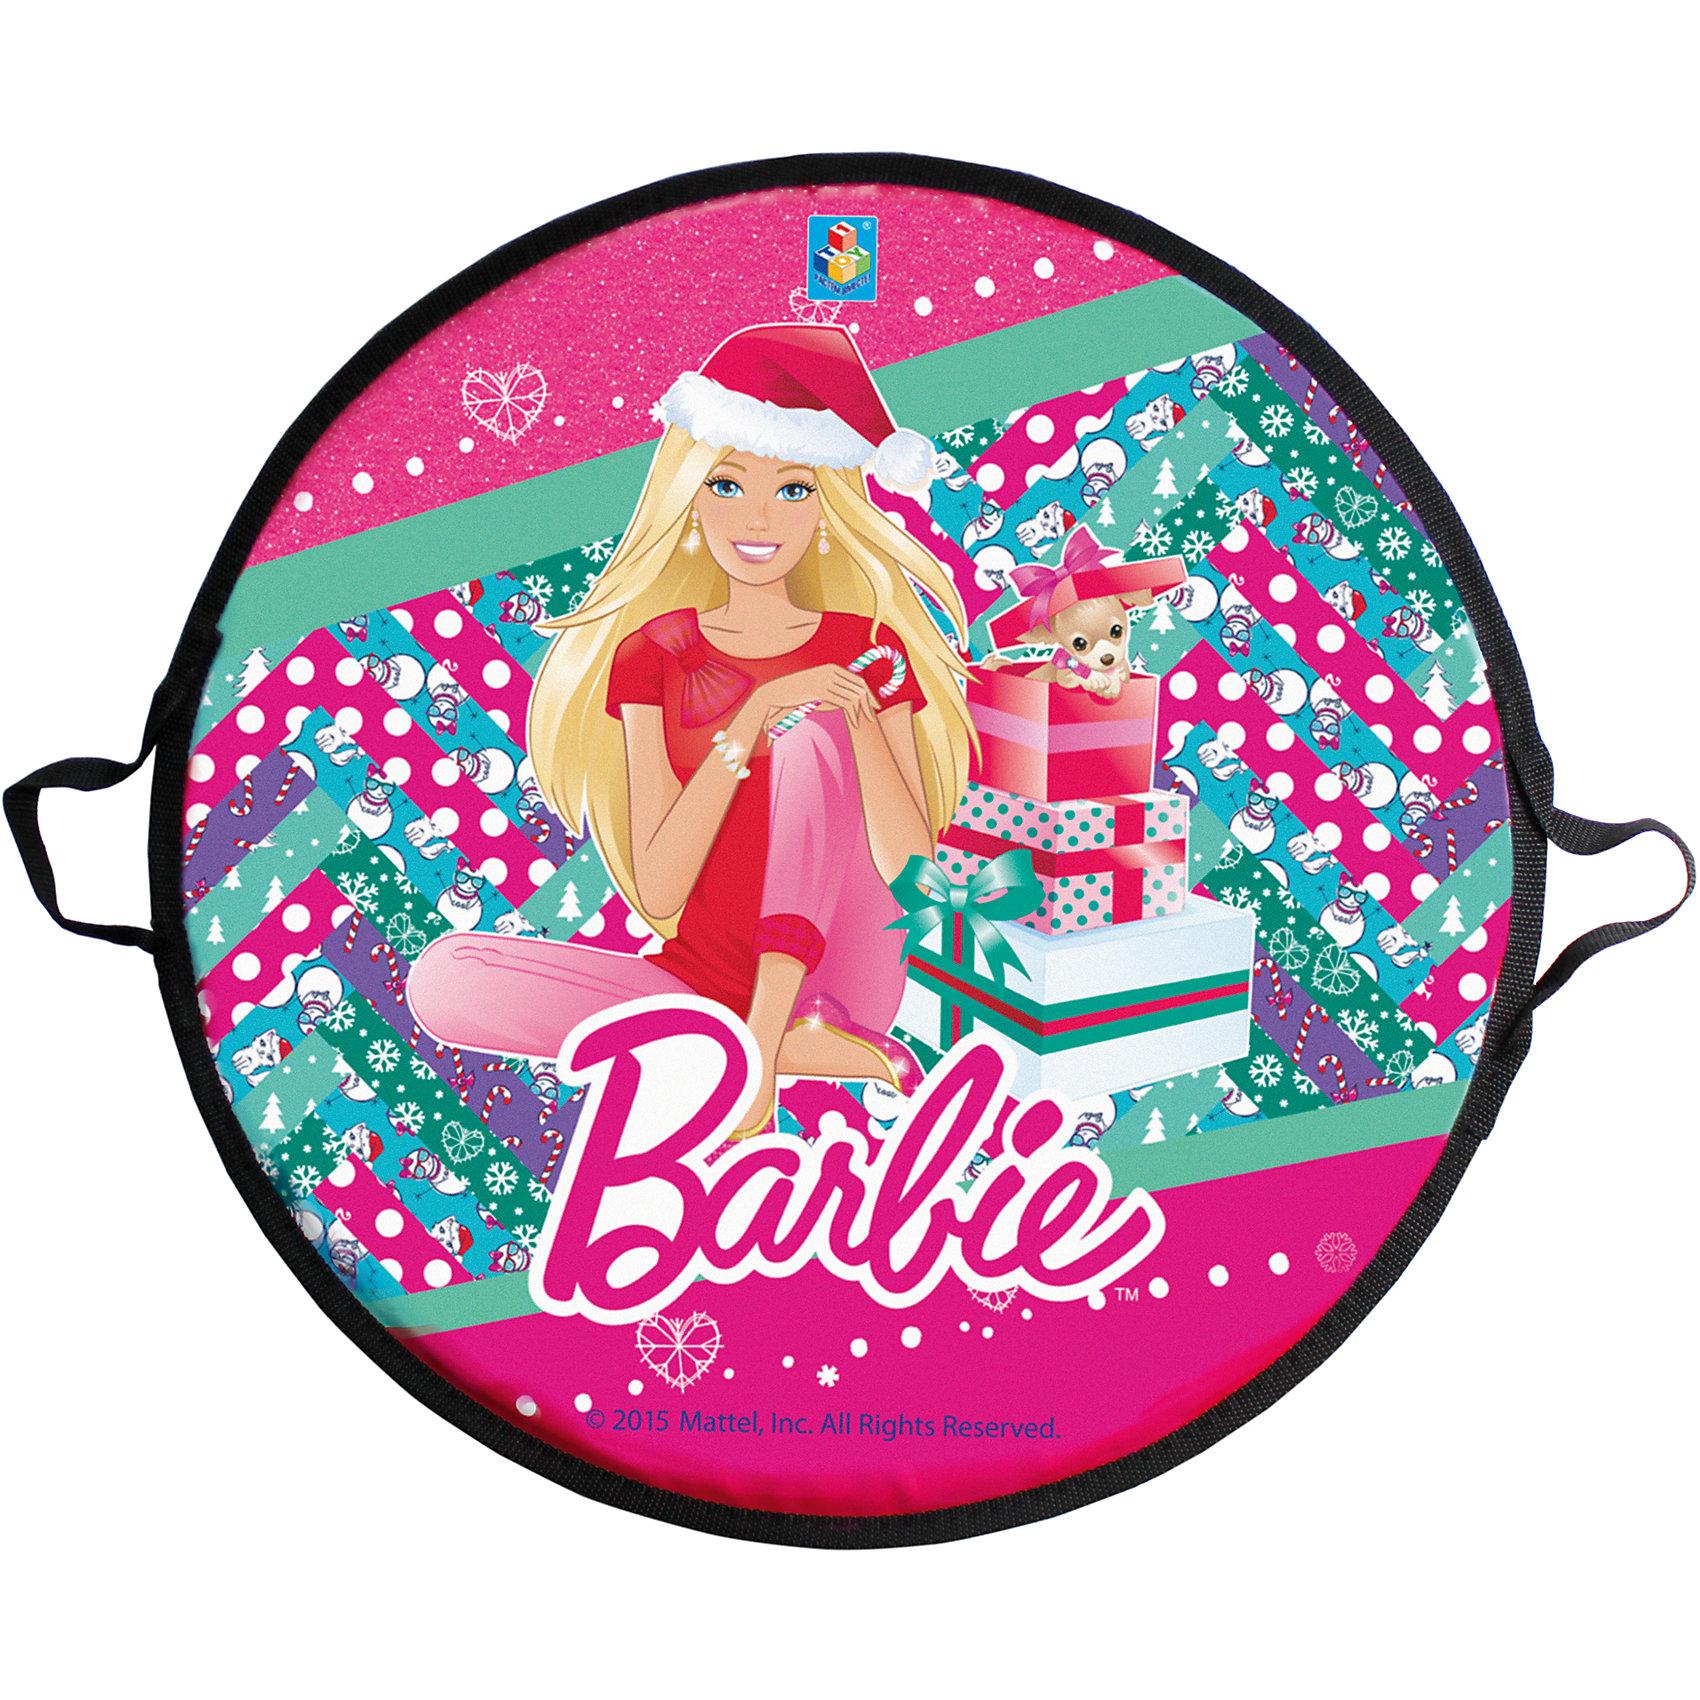 Ледянка,  52 см, круглая, Barbie, 1toyЛедянка, 52 см, круглая, Barbie, 1toy.<br><br>Характеристики:<br><br>• прочный материал<br>• небольшой вес<br>• удобные ручки<br>• яркий дизайн<br>• материал: пластик<br>• максимальная нагрузка: 55 кг<br>• диаметр: 52 см<br><br>Ледянка Barbie, 1toy станет отличным дополнением к прогулкам на свежем воздухе. Она хорошо скользит по снегу, а две удобные ручки позволят легко маневрировать при спуске с горки. Яркий дизайн с любимой Барби порадует девочек. Ледянка имеет небольшой вес, благодаря чему ее удобно брать с собой. То, что нужно для активного отдыха!<br><br>Ледянку, 52 см, круглая, Barbie, 1toy вы можете купить в нашем интернет-магазине.<br><br>Ширина мм: 500<br>Глубина мм: 10<br>Высота мм: 500<br>Вес г: 300<br>Возраст от месяцев: 36<br>Возраст до месяцев: 192<br>Пол: Женский<br>Возраст: Детский<br>SKU: 5032825